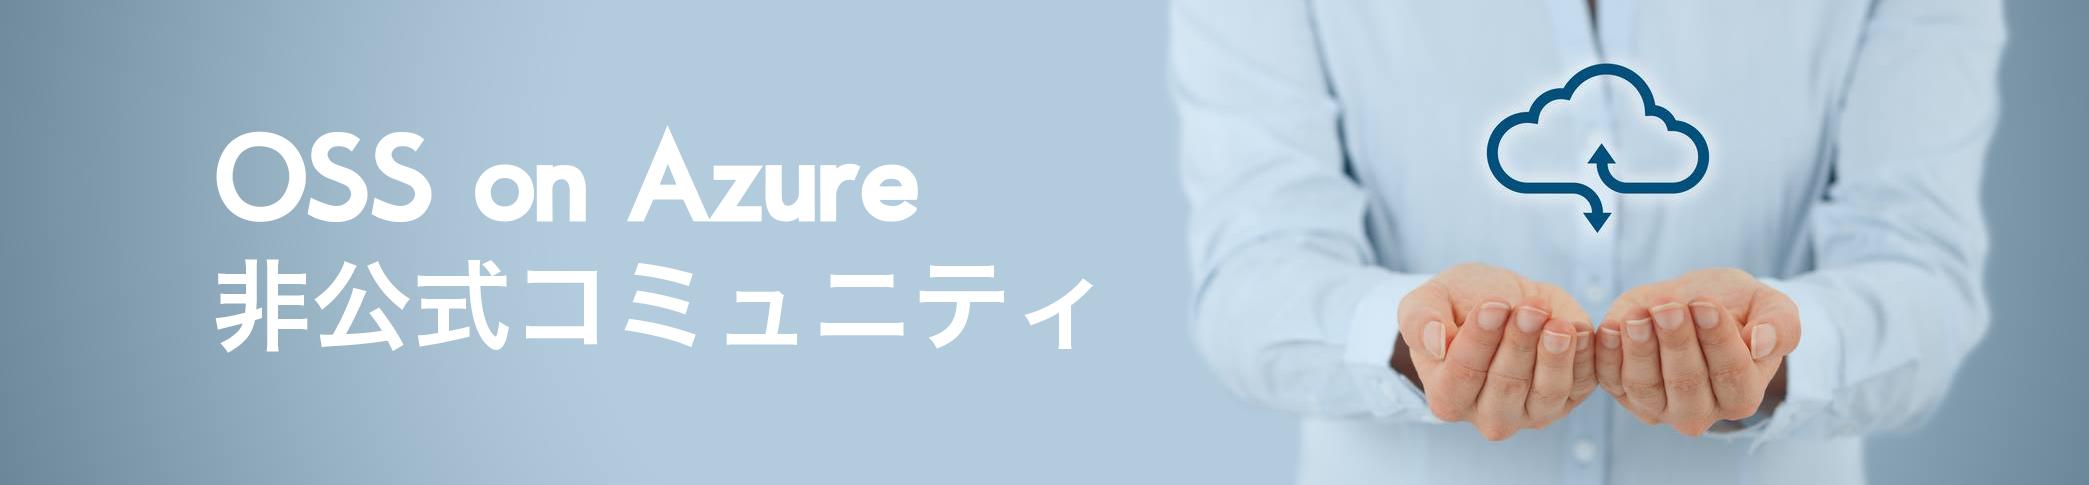 OSS on Azure非公式コミュニティ